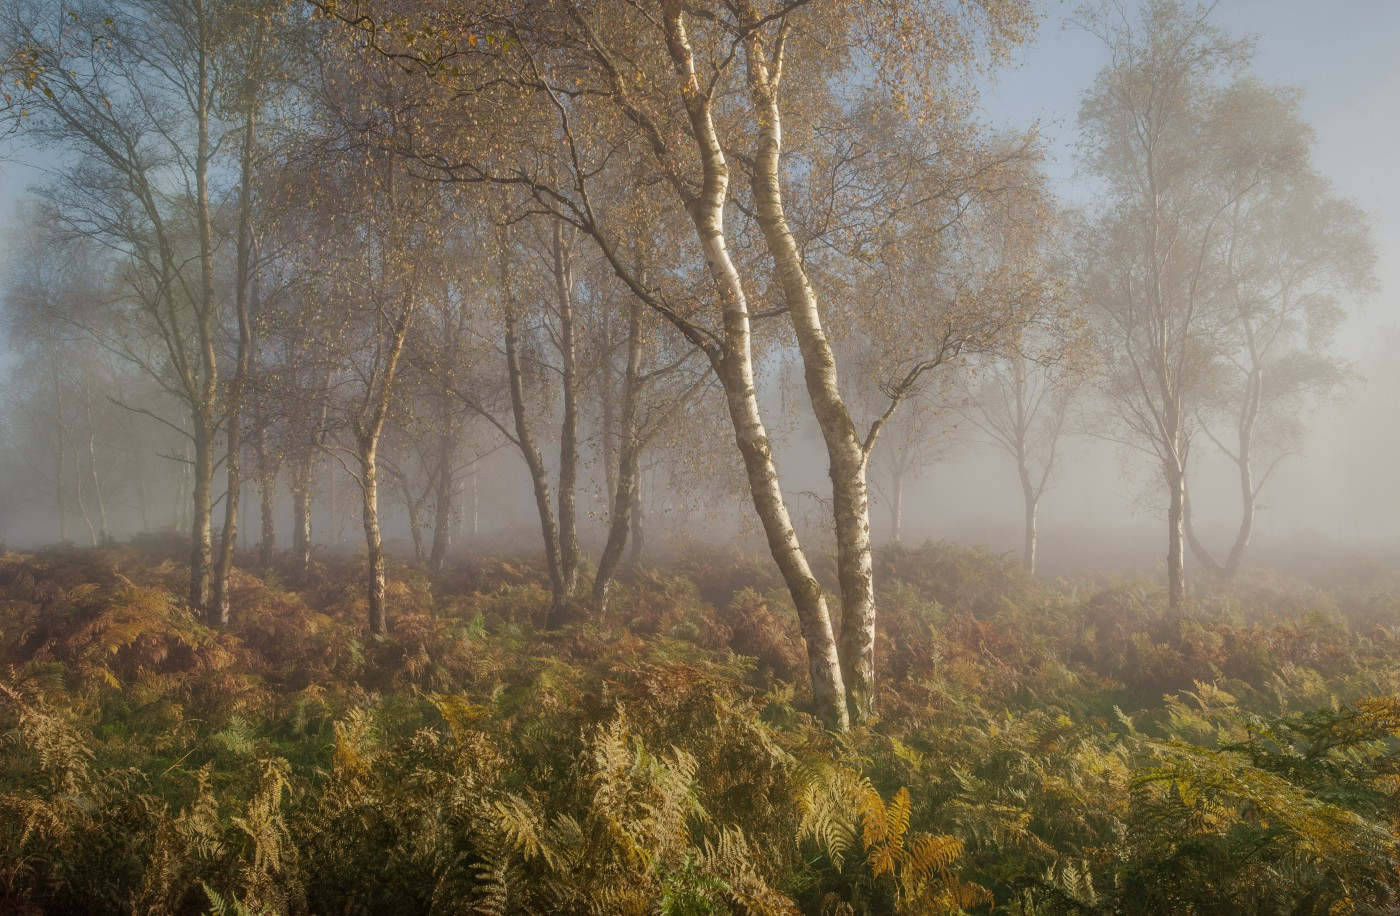 Berken in mist